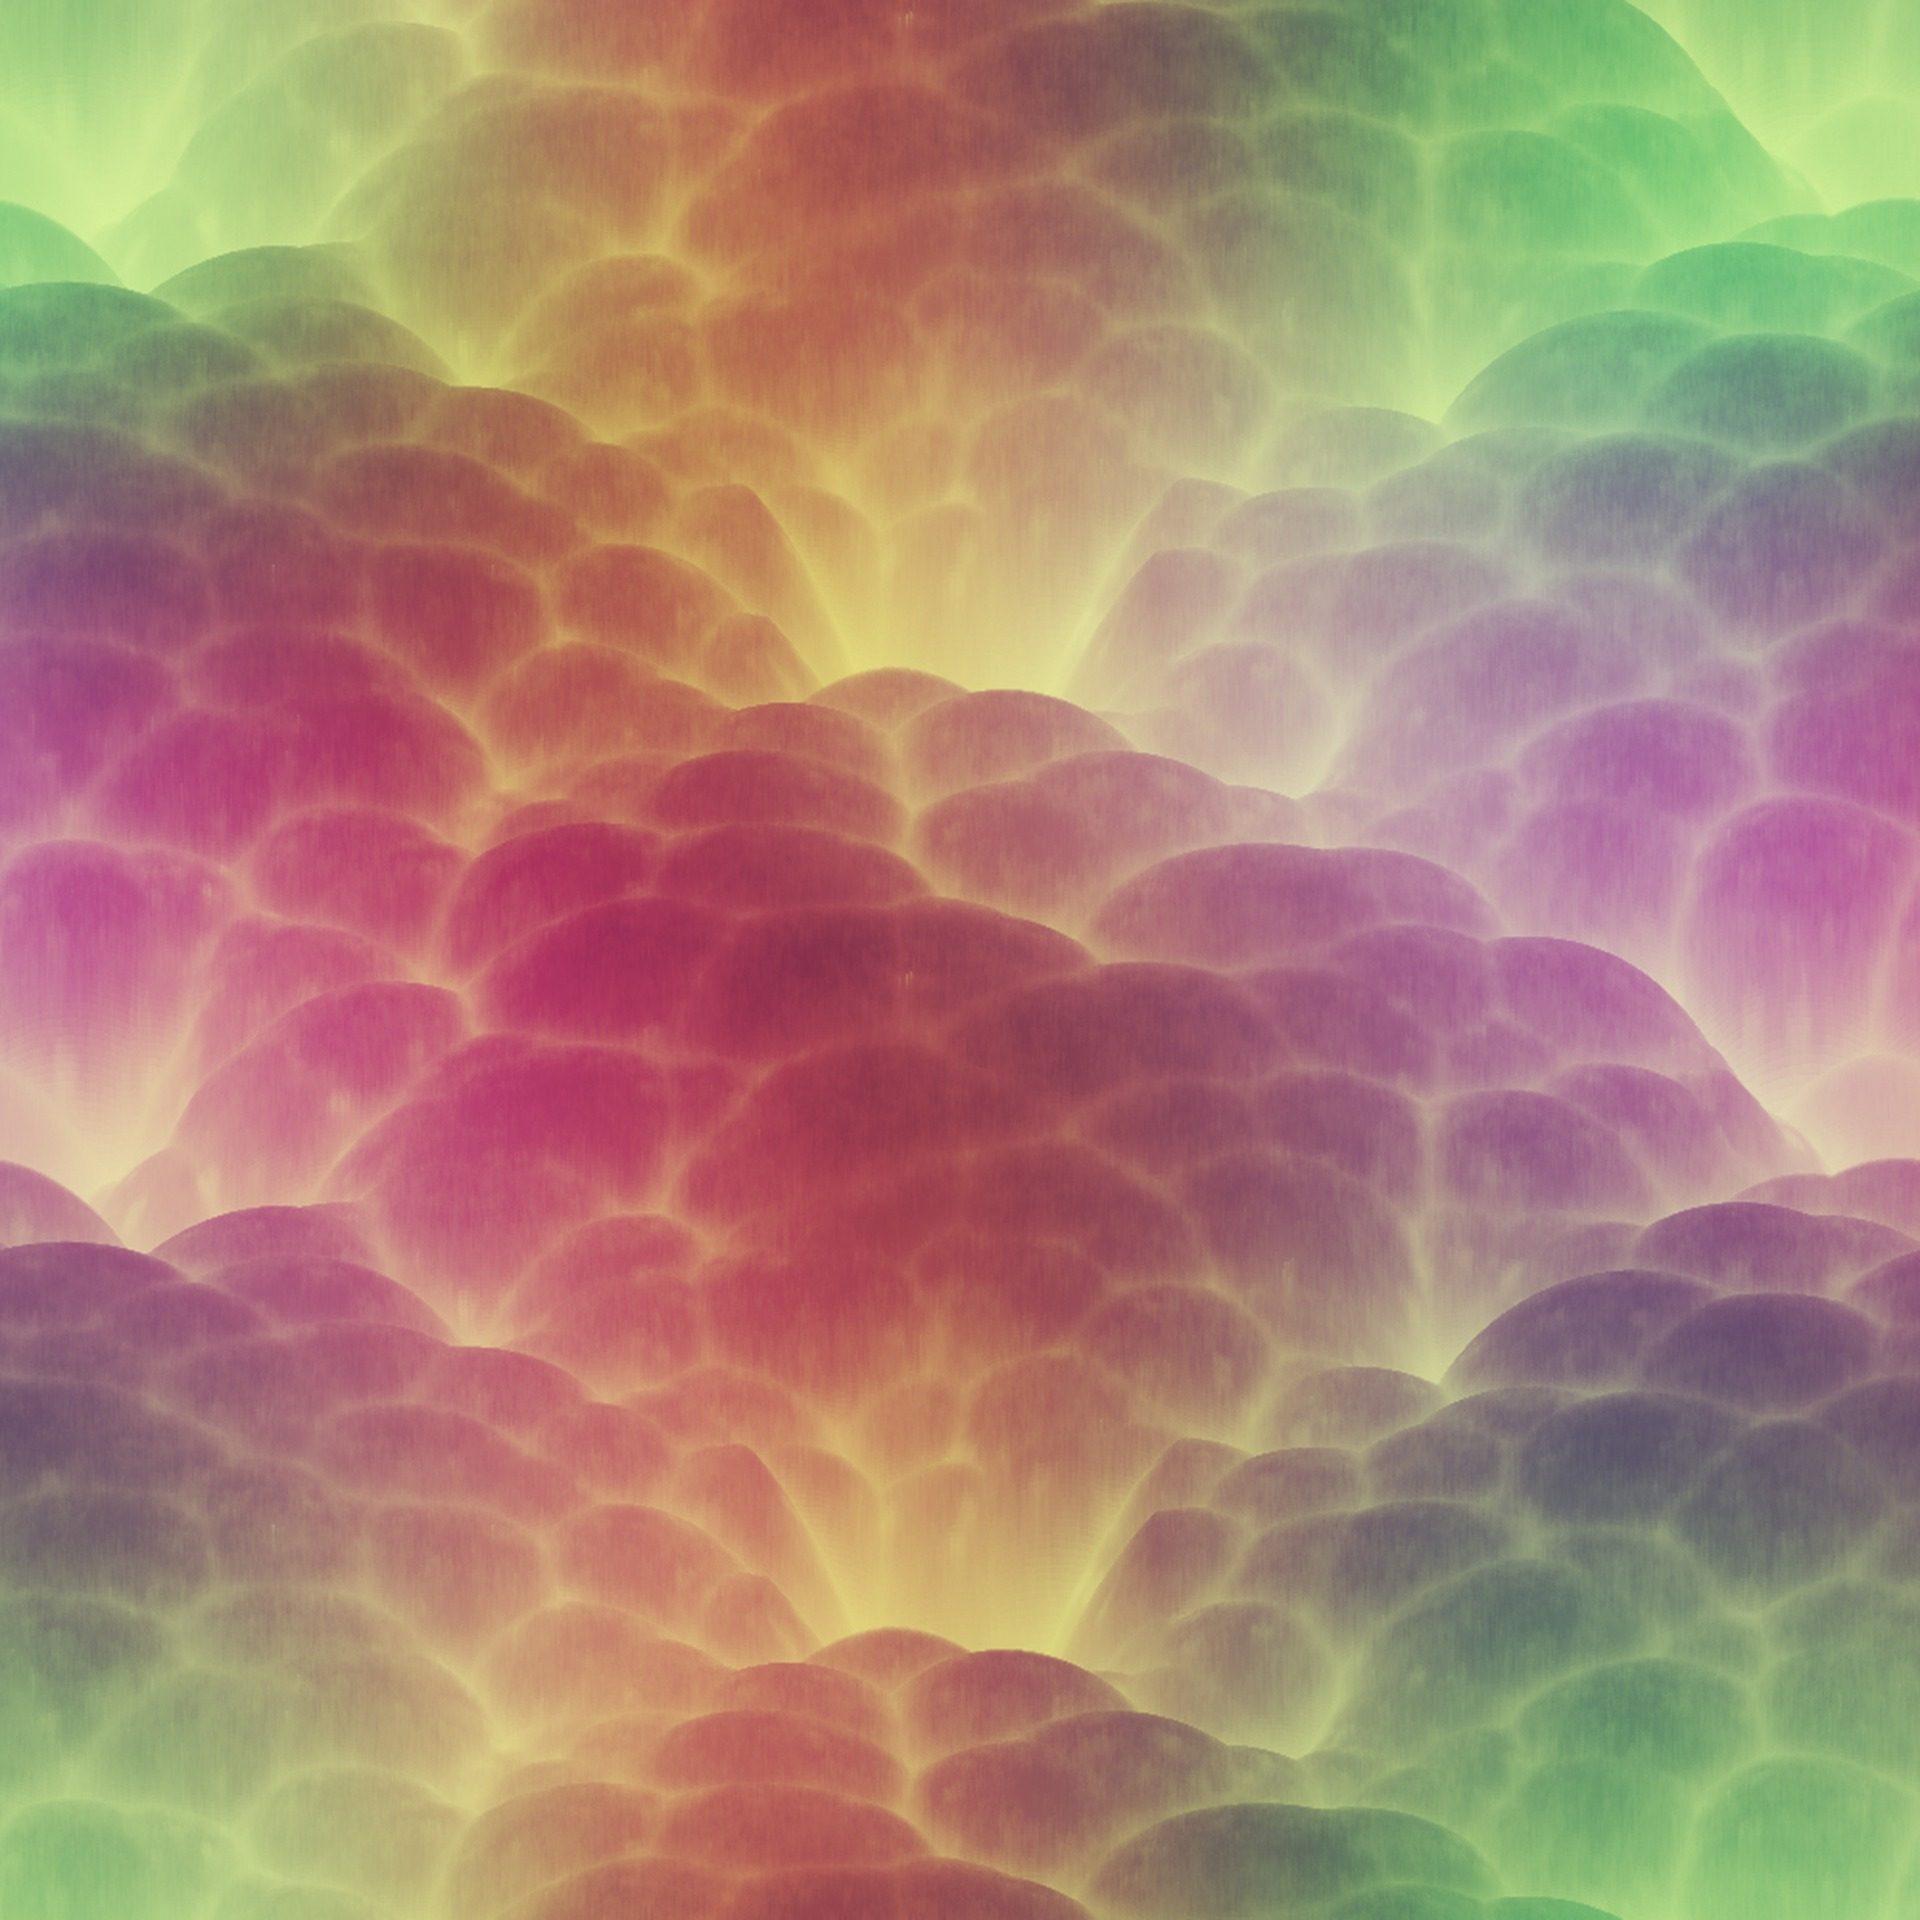 रूपों, आंकड़े, बादल, रंगीन, बनावट - HD वॉलपेपर - प्रोफेसर-falken.com